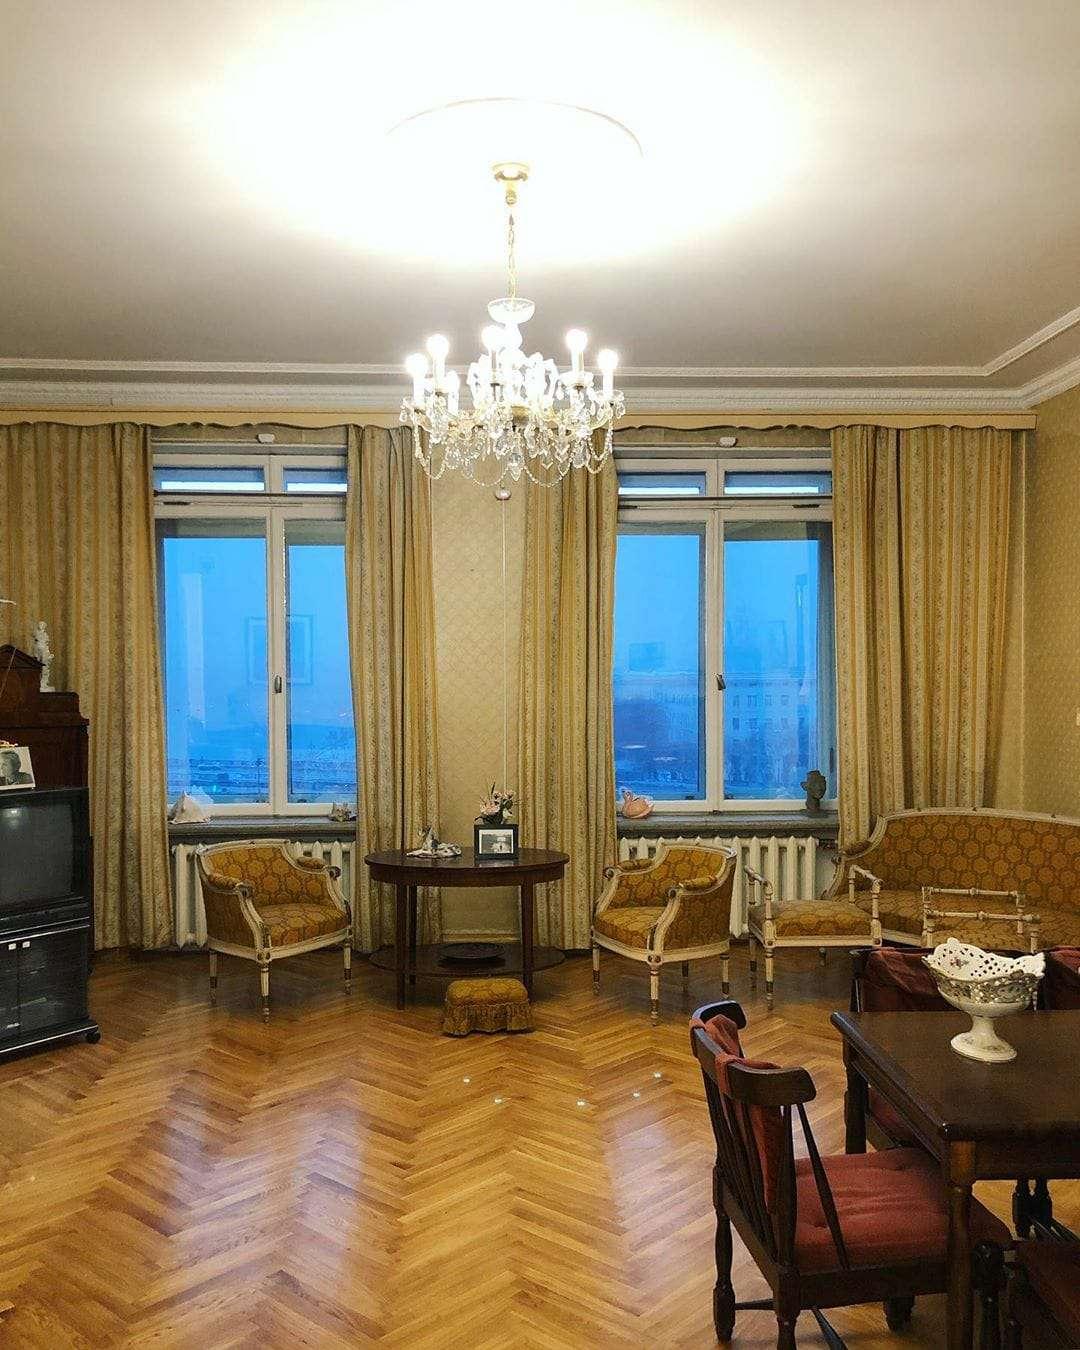 case in russia - appartamenti periodo staliniano